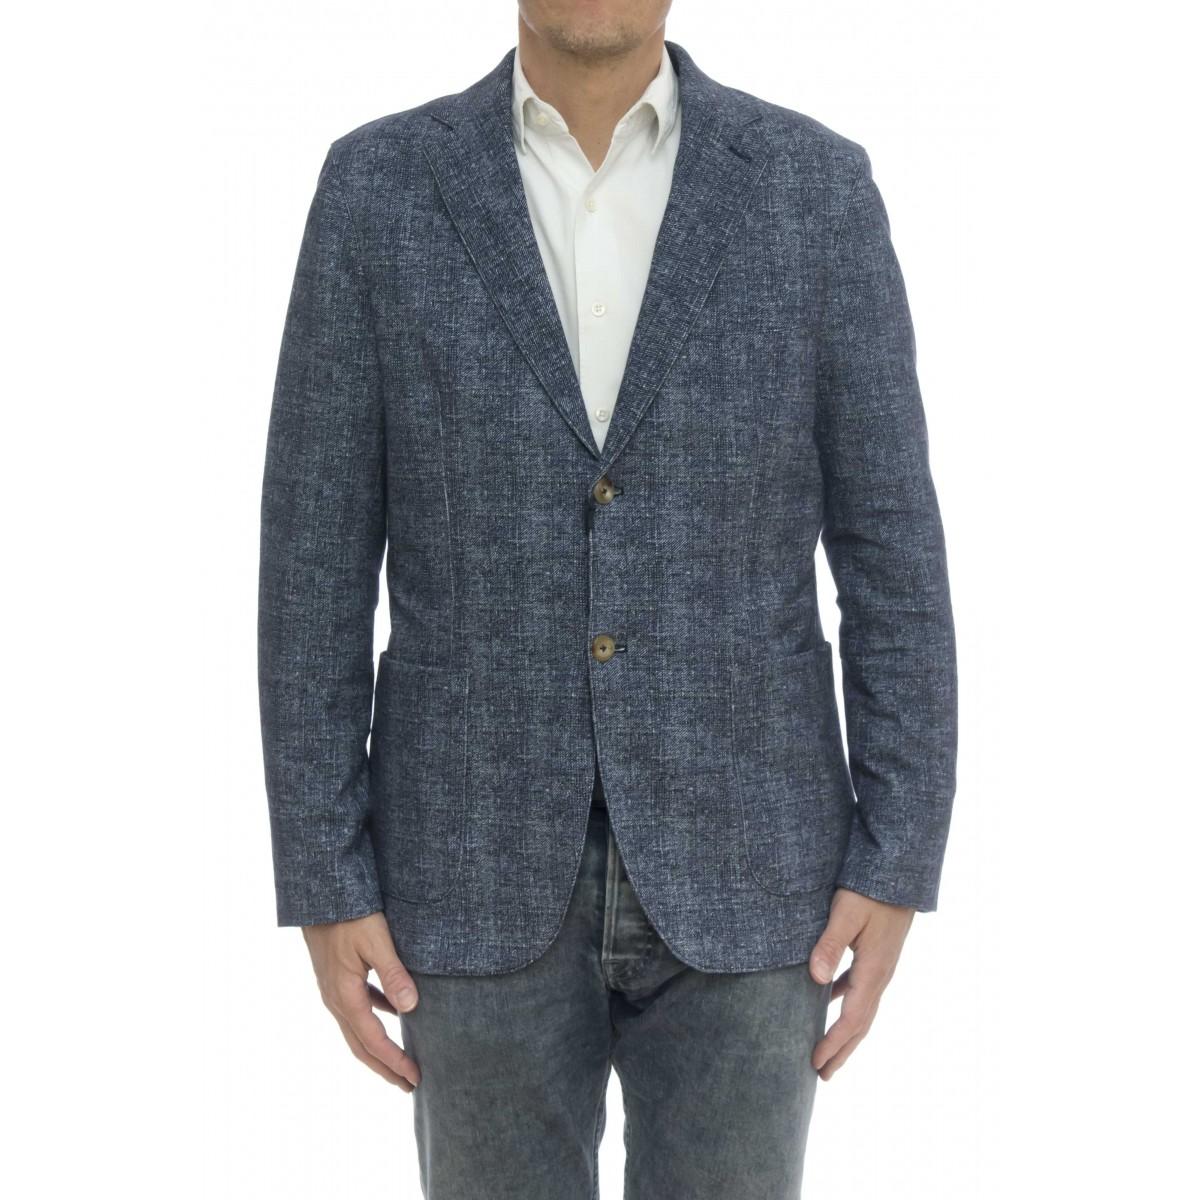 Giacca uomo - Cn2200 giacca special print light